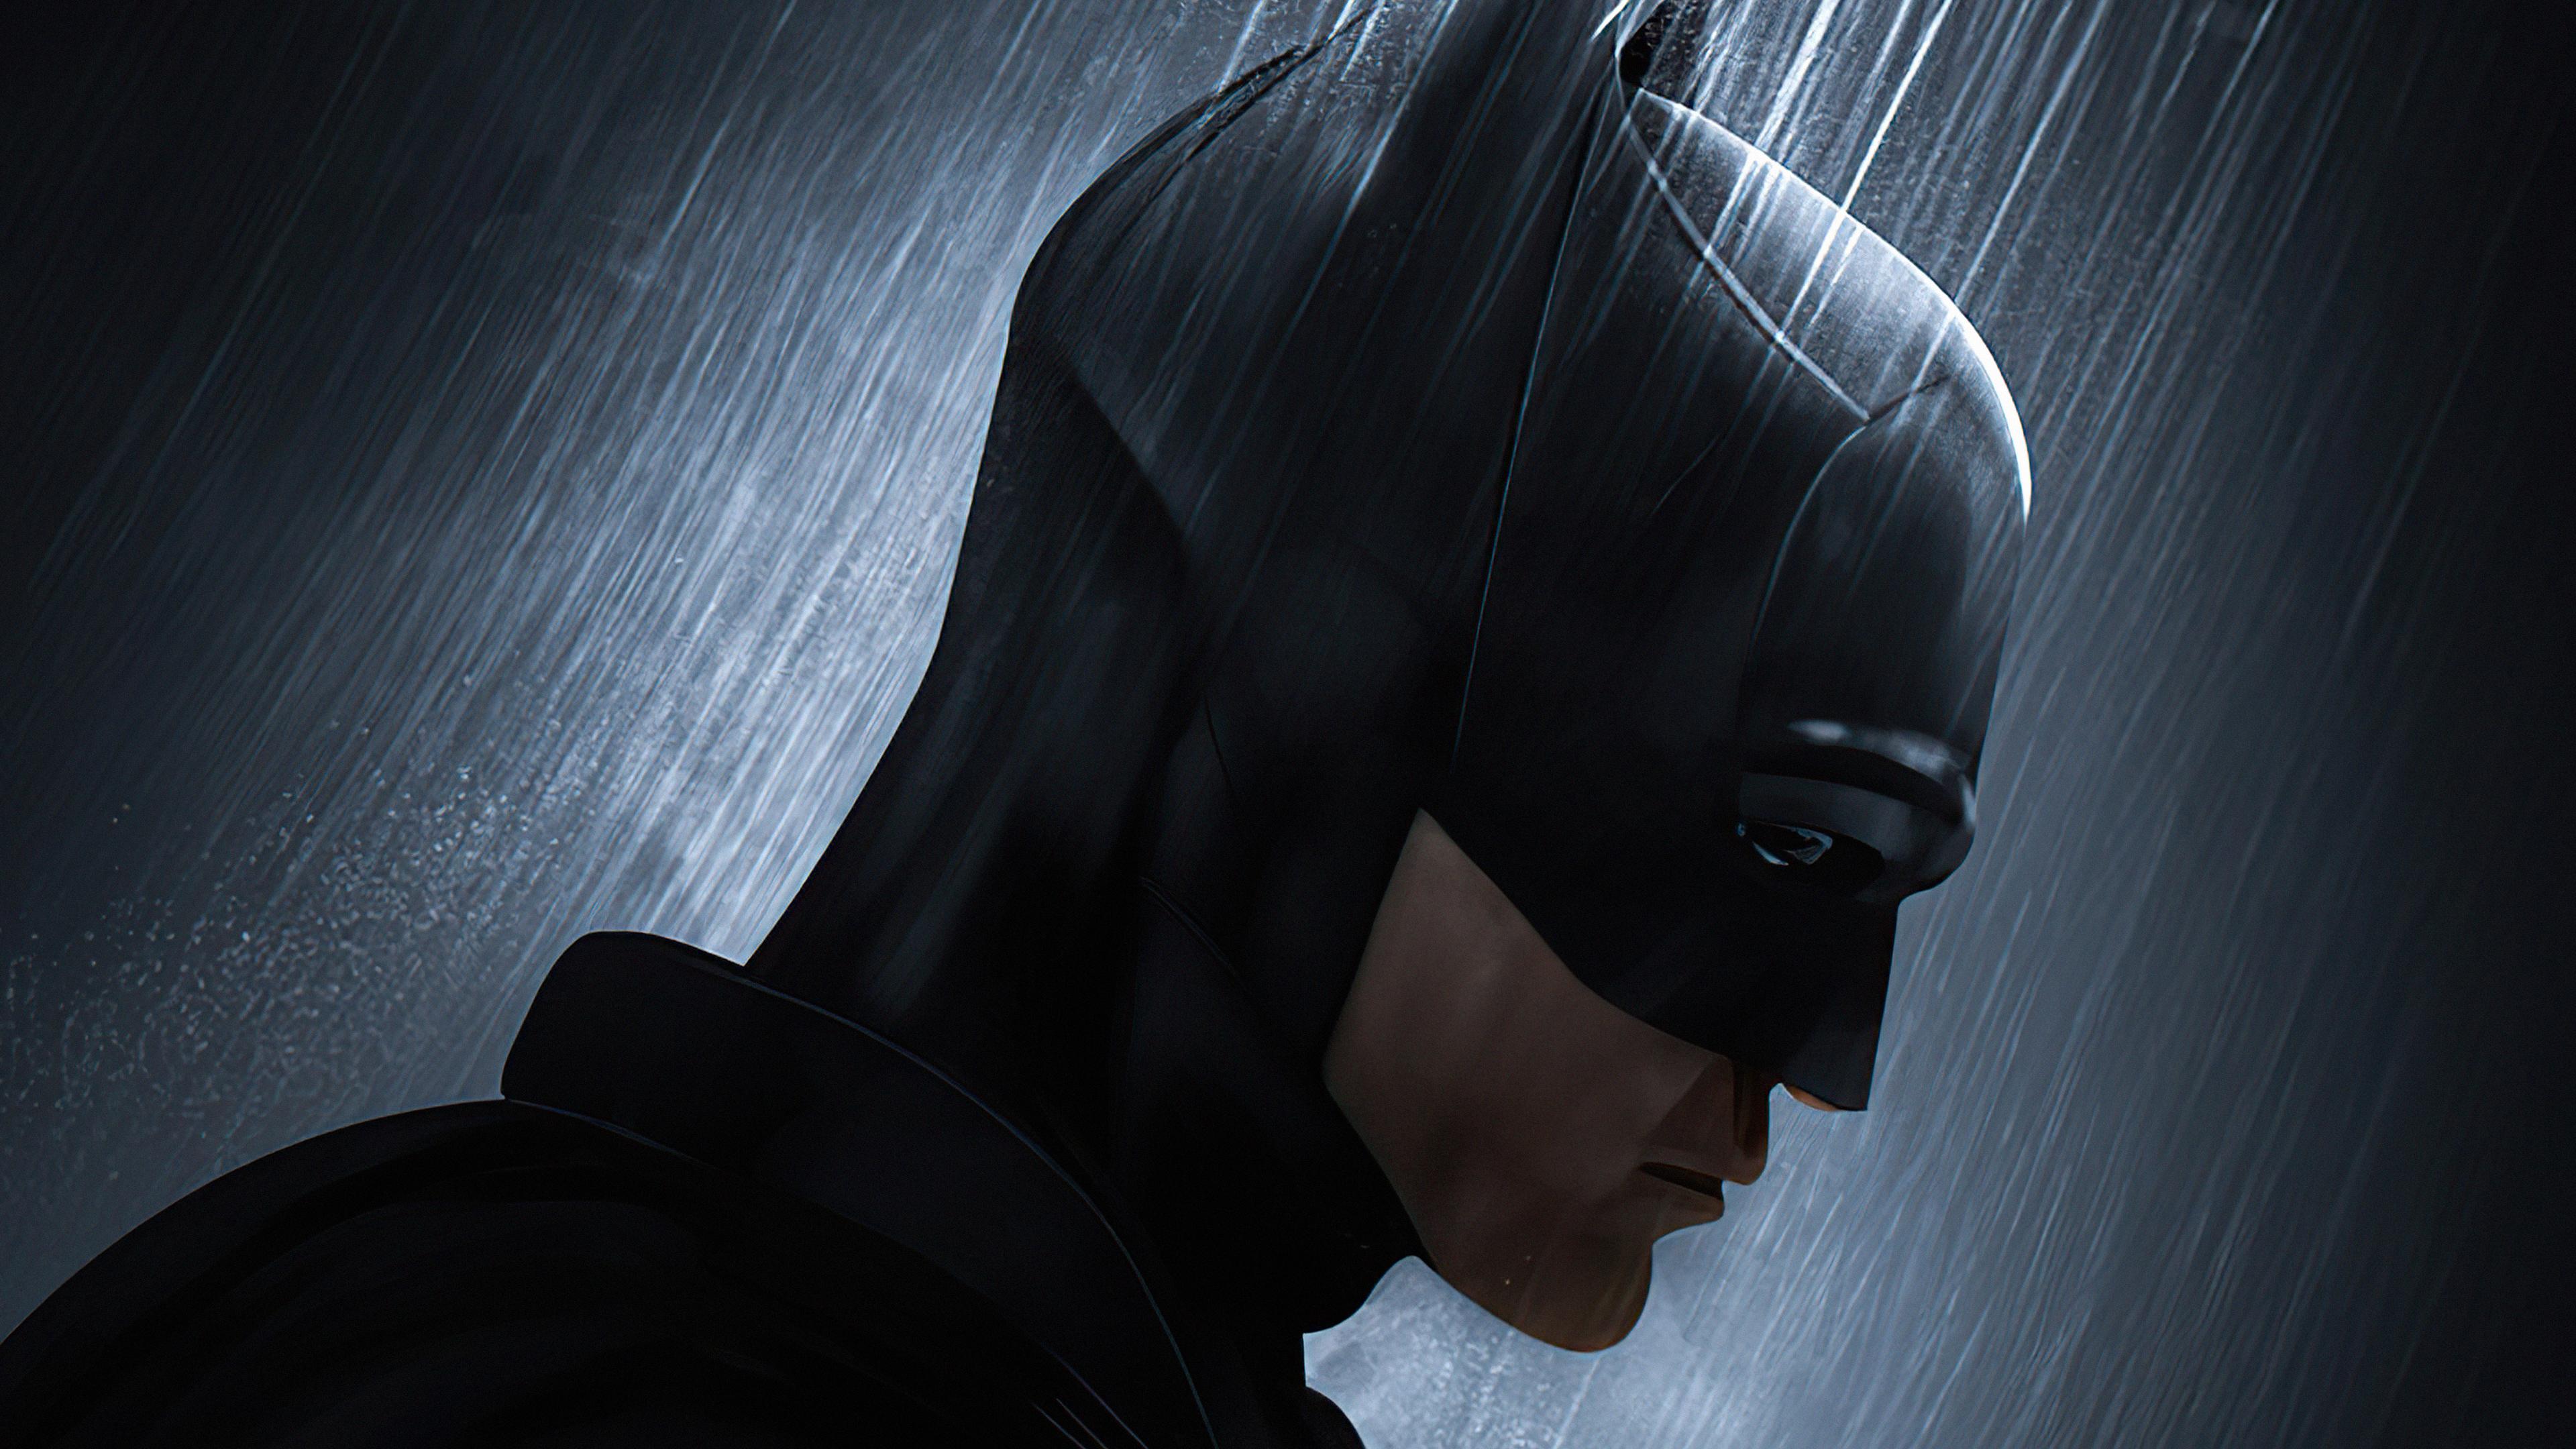 Wallpaper Robert Pattinson's face as Batman